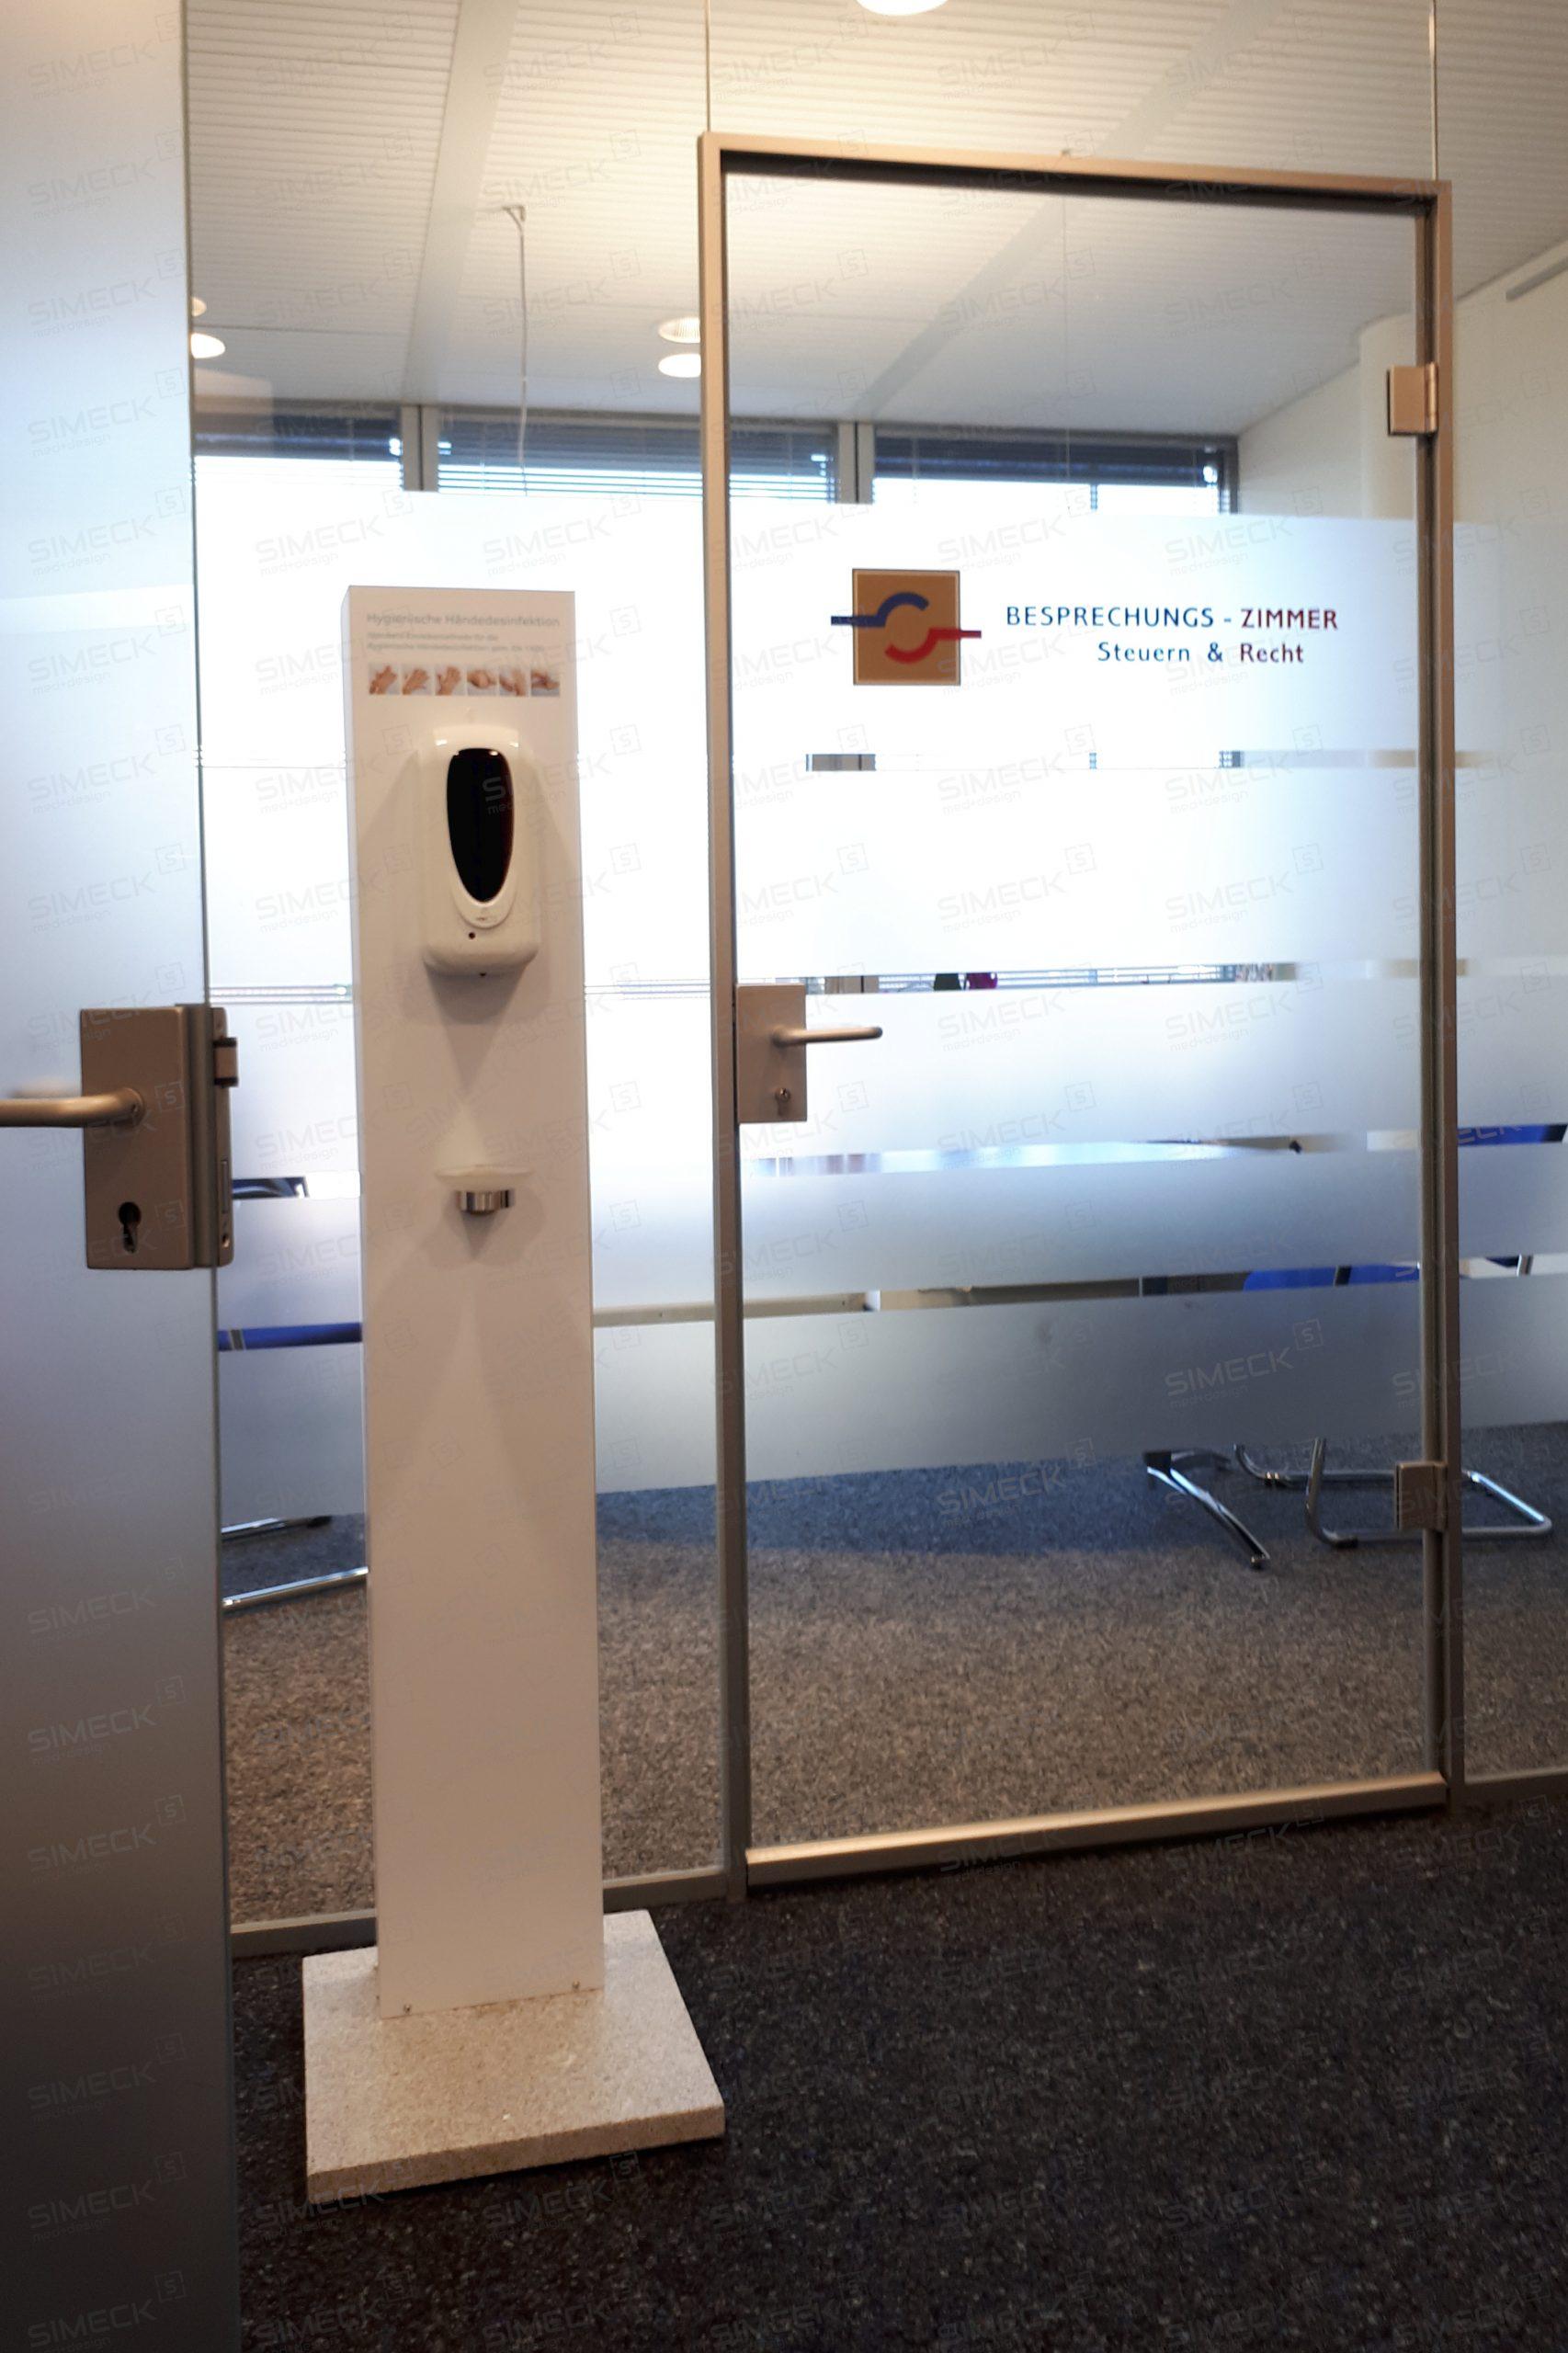 Desinfektionsständer unauffällig platziert in modernem Büroflur